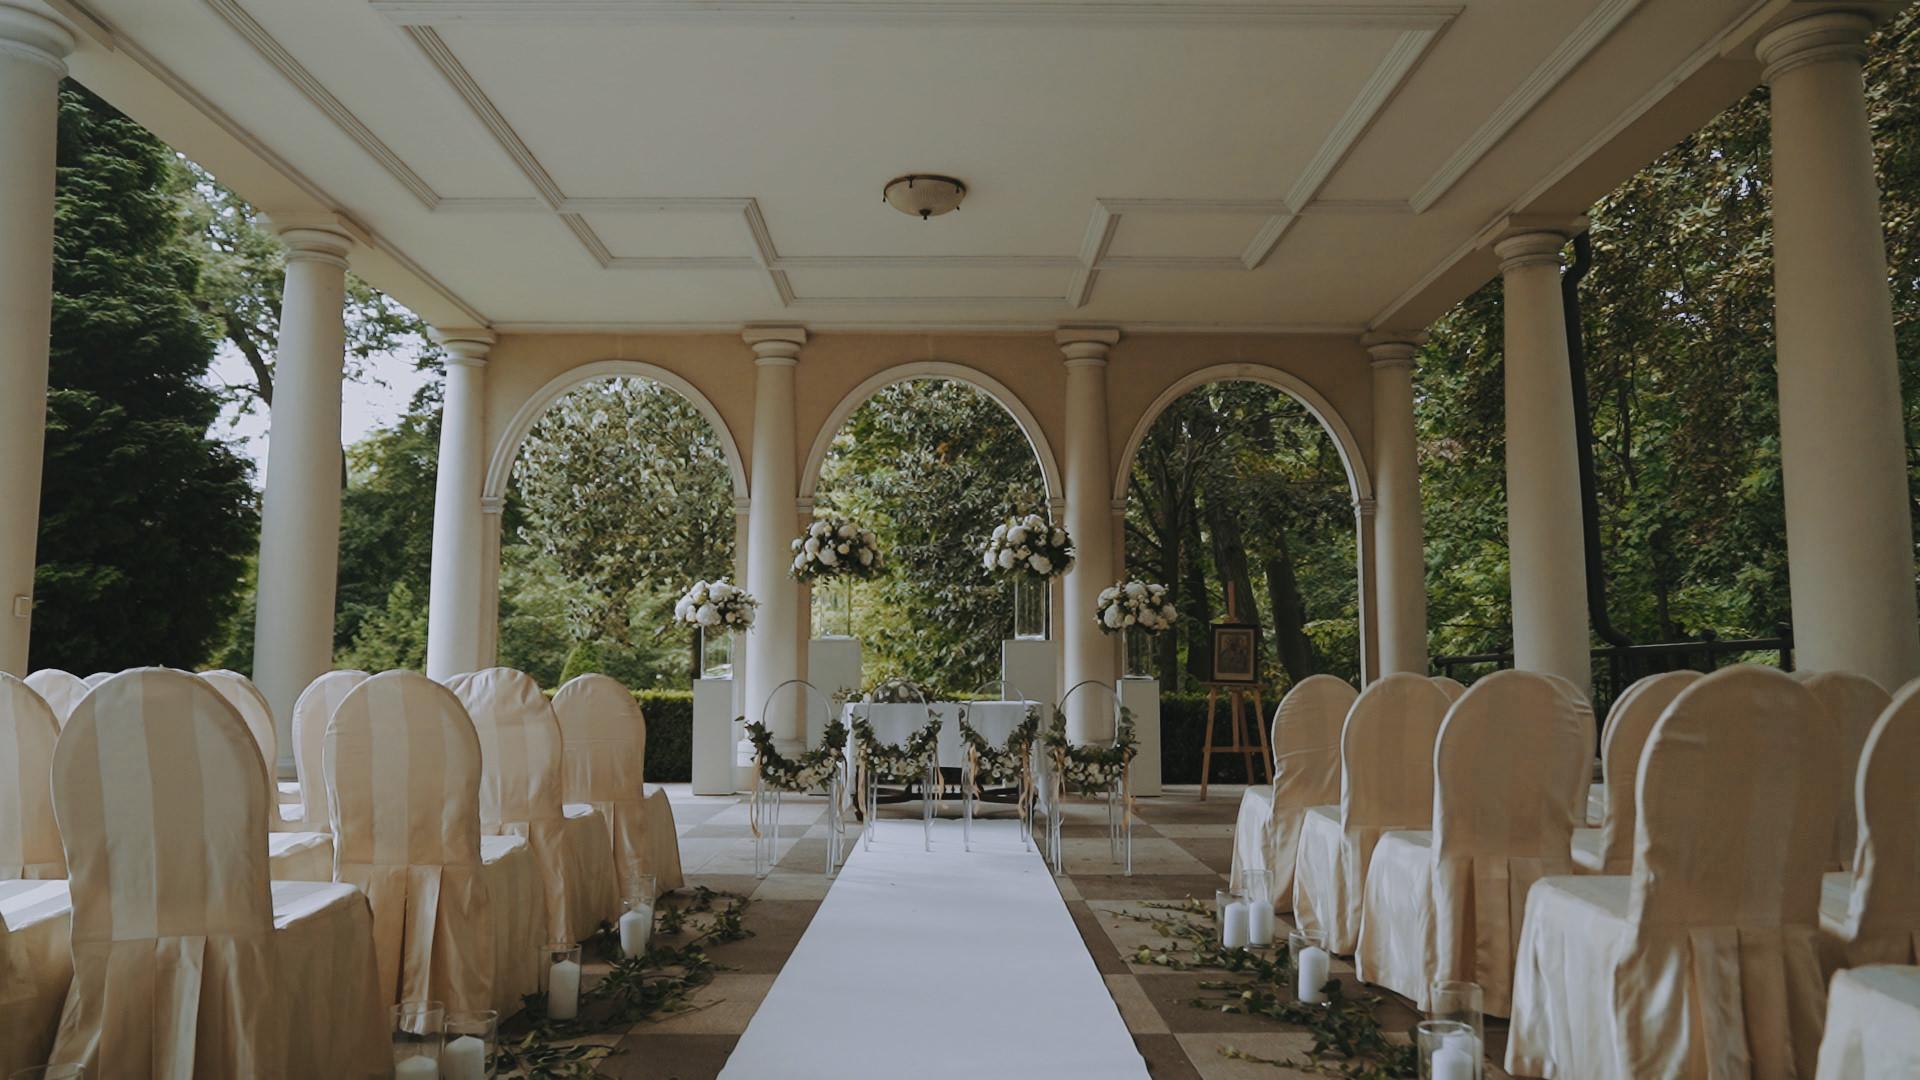 Królewskie wesele w Pałac Tłokinia 4